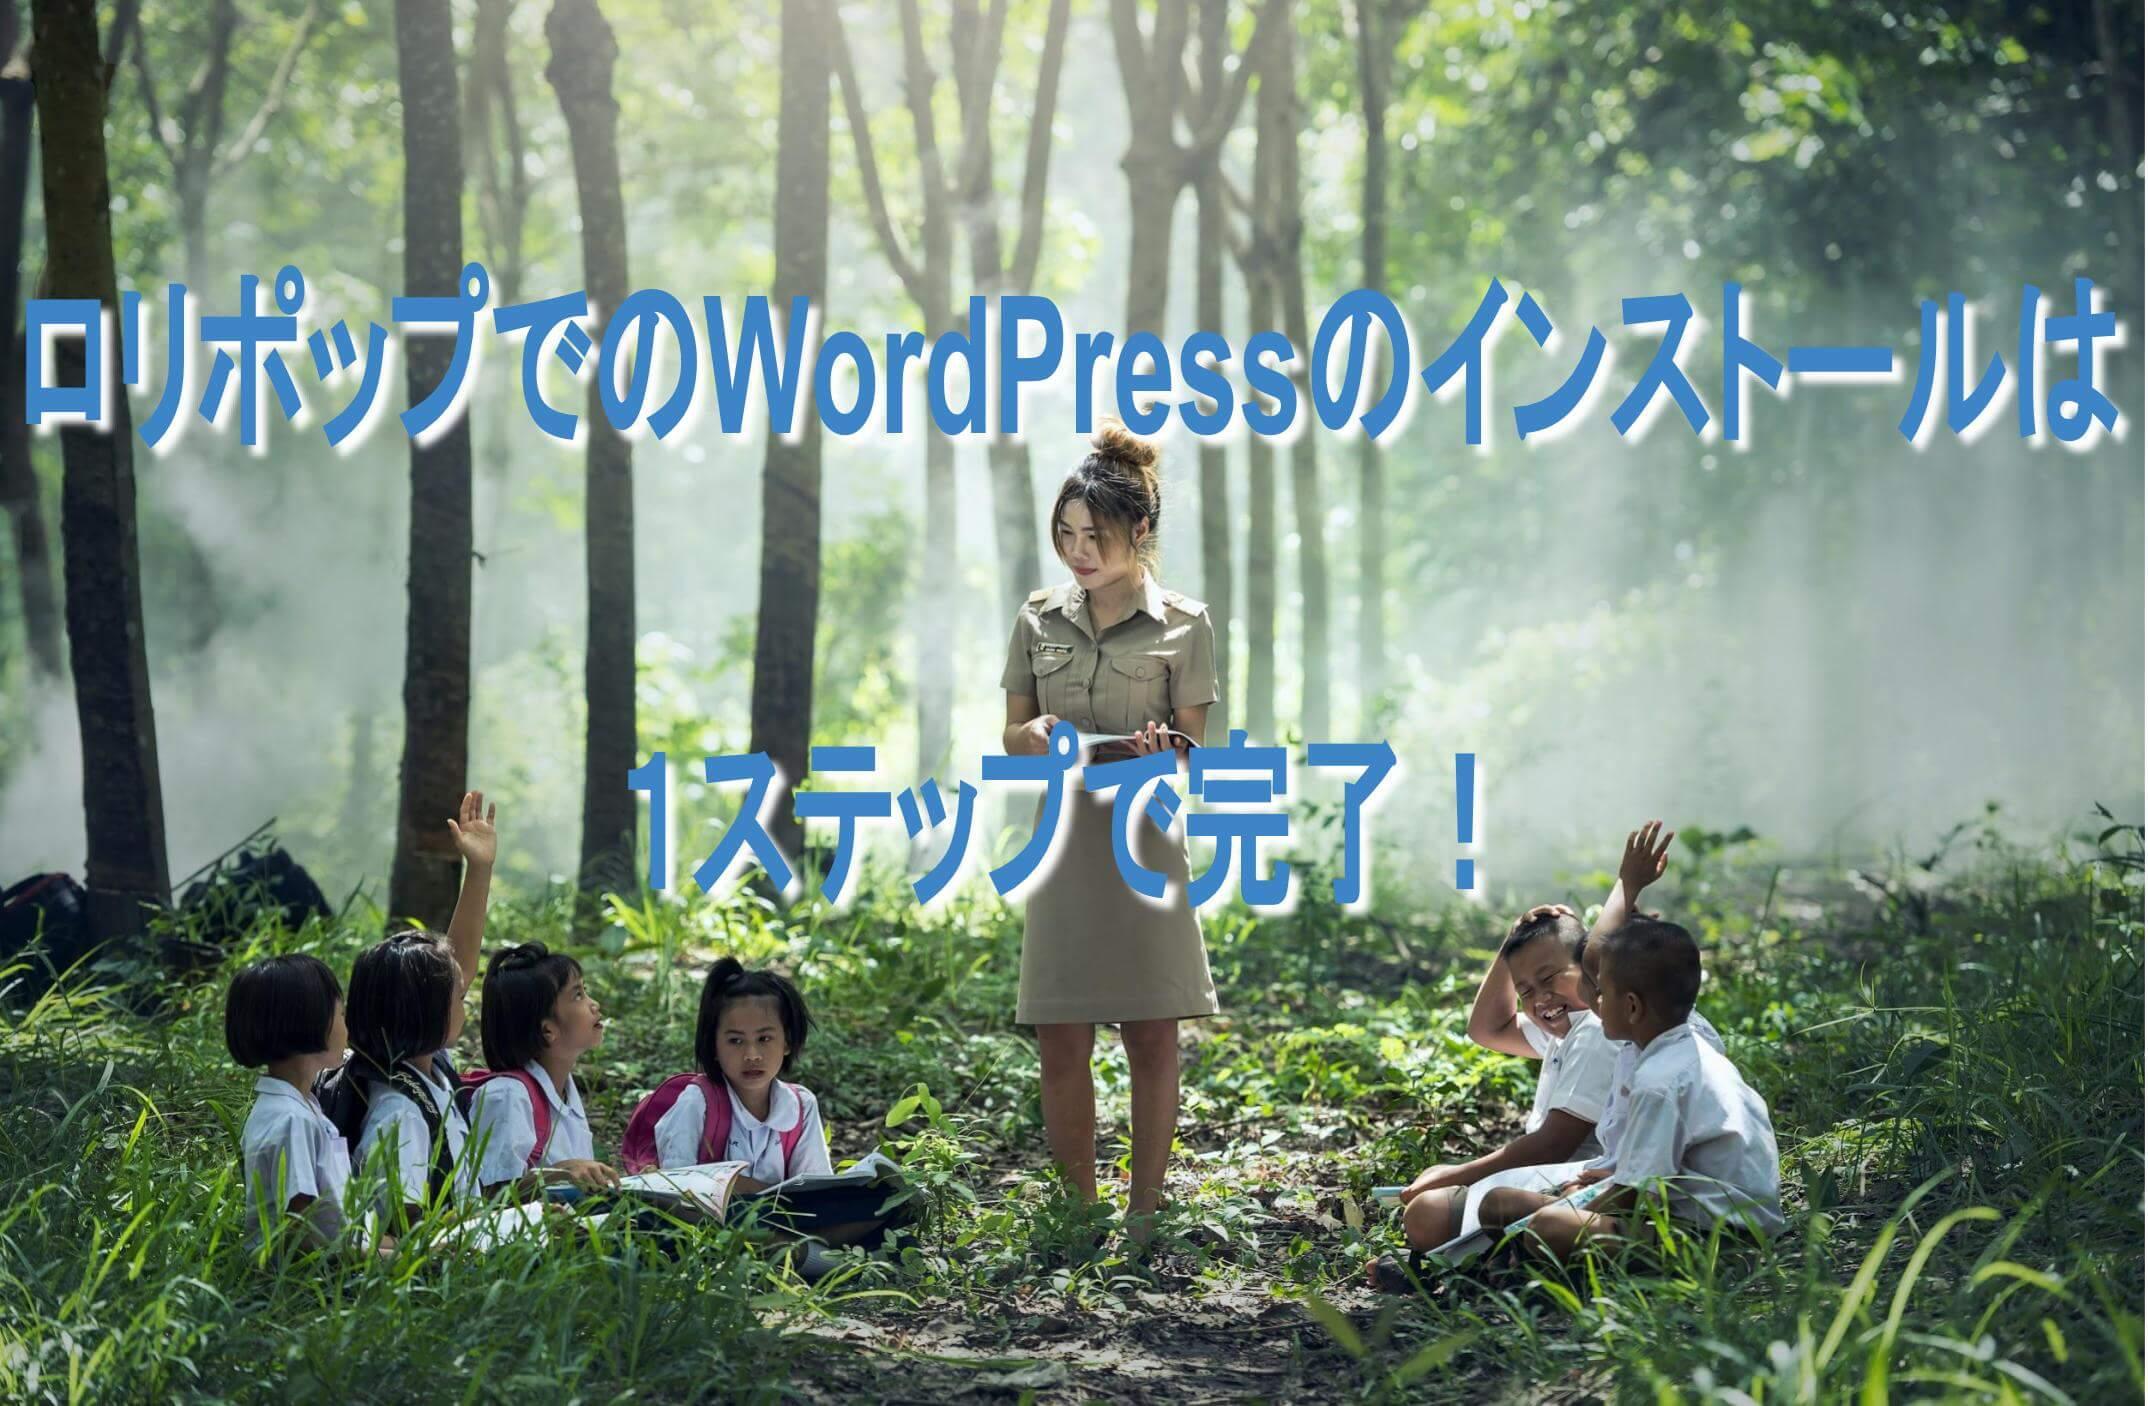 青空授業 テキスト「ロリポップでのWordPressのインストールは 1ステップで完了!」